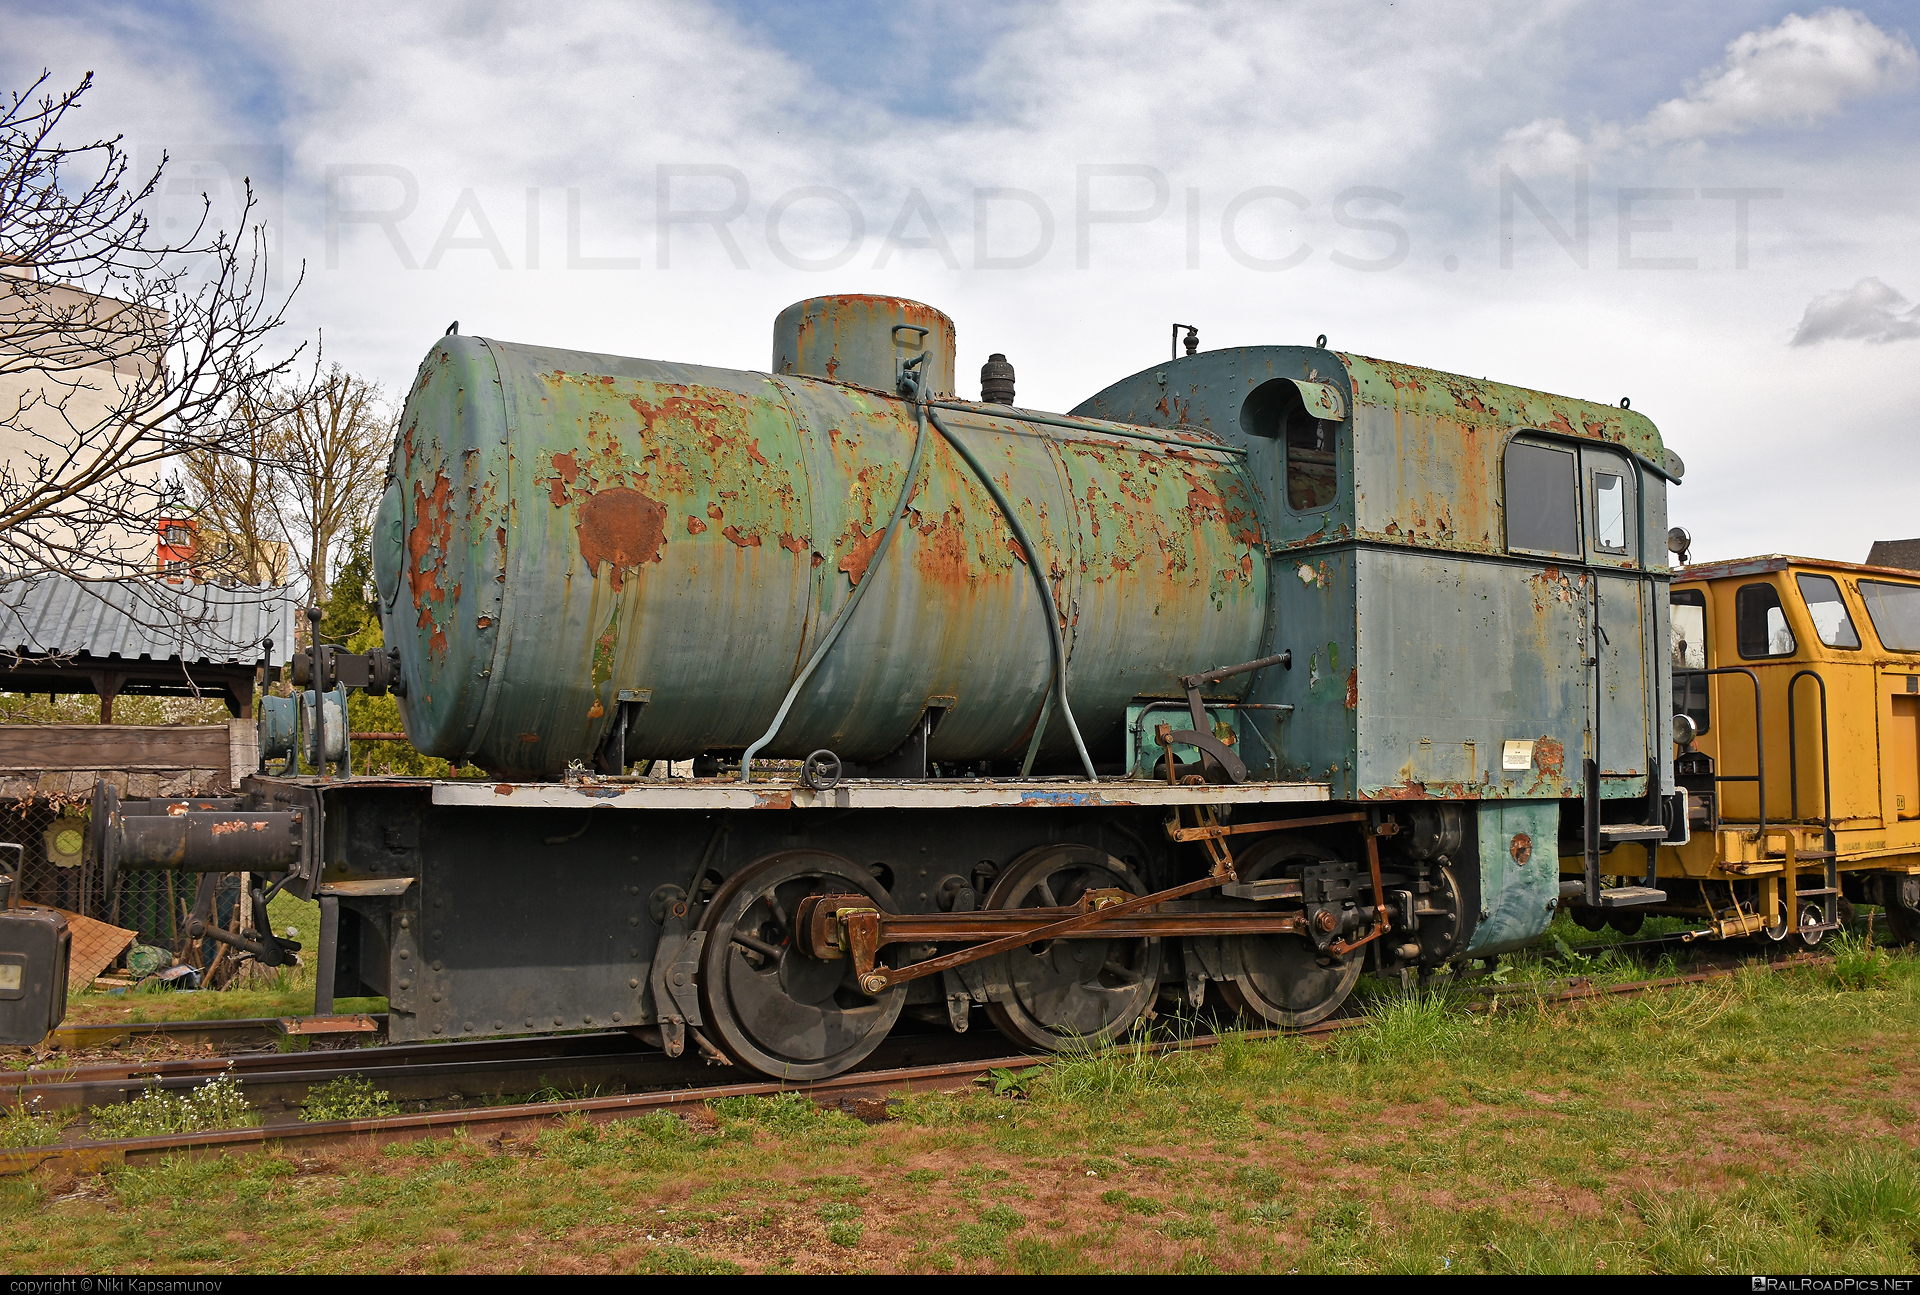 ČKD CN 40a - 2483 operated by Železnice Slovenskej Republiky #ckd #ckd40a #ckdcn40a #cn40a #zelezniceslovenskejrepubliky #zsr